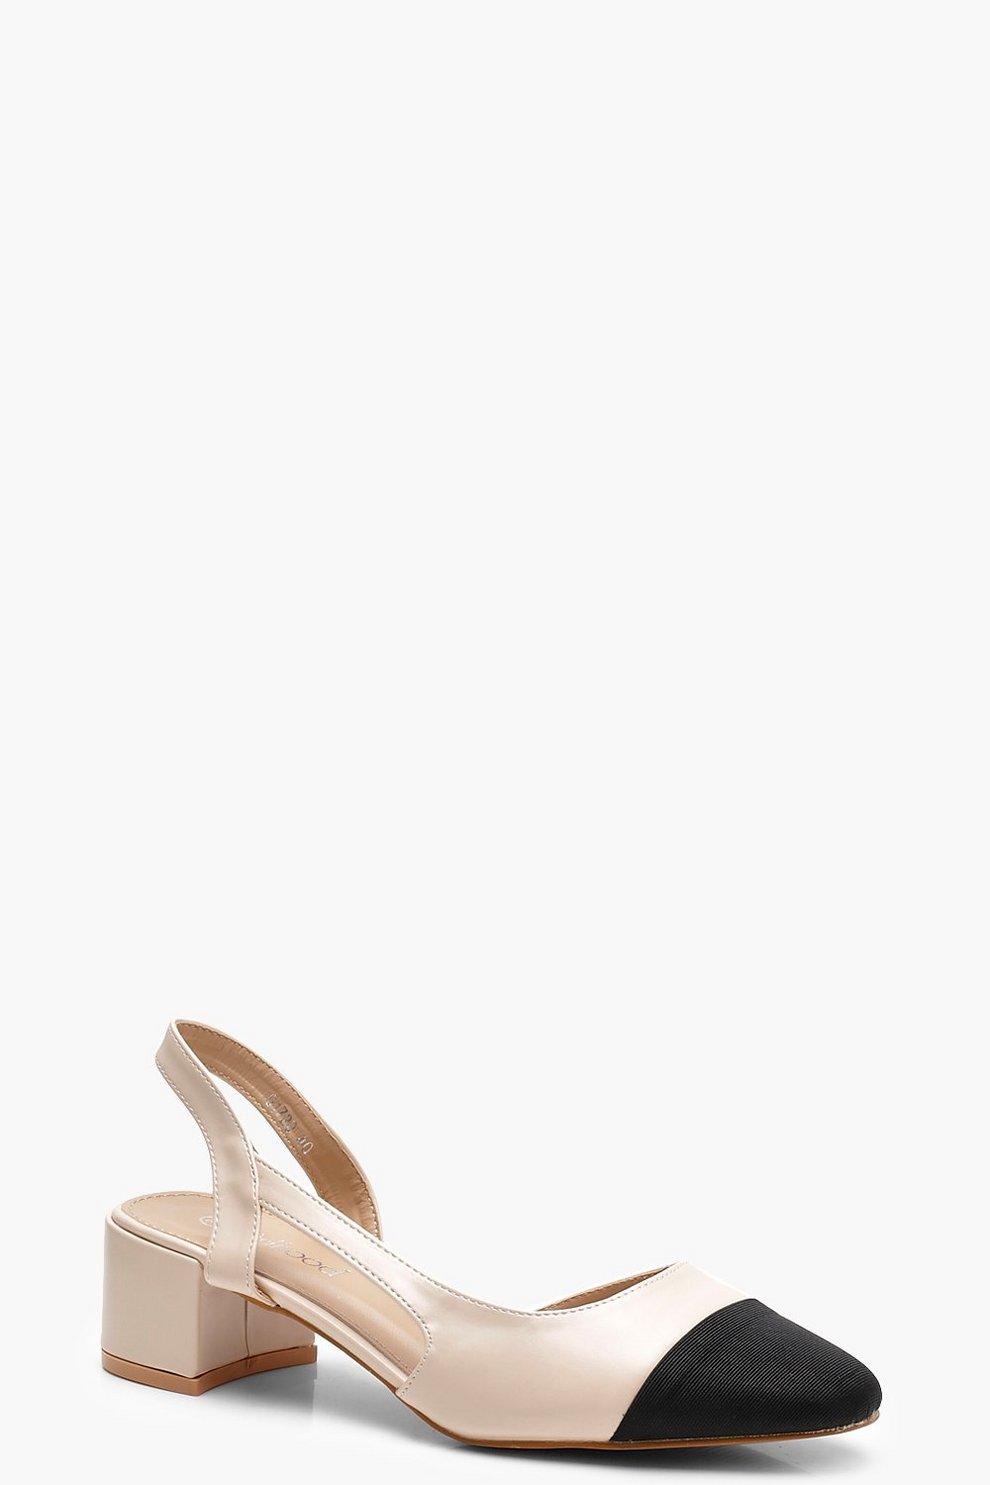 Sling Back Low Block Heel Ballets Mejor Precio Barato Vendedor Oficial De Salida Descuentos Venta En Línea Comprar El Mejor Barato 4mcS9HtJH